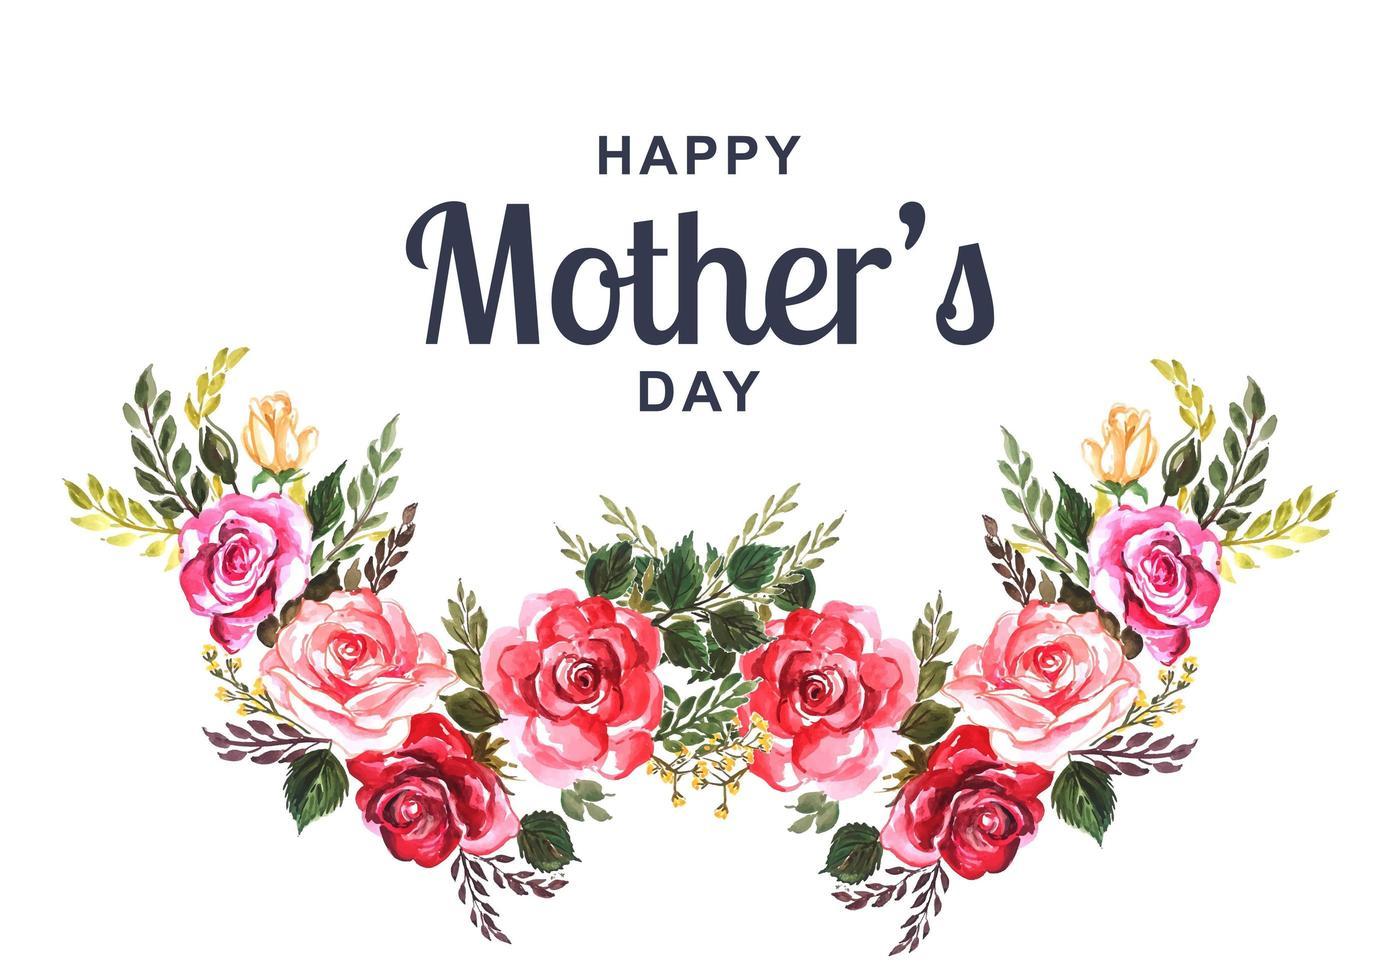 tarjeta del día de la madre con corona de flores acuarela vector